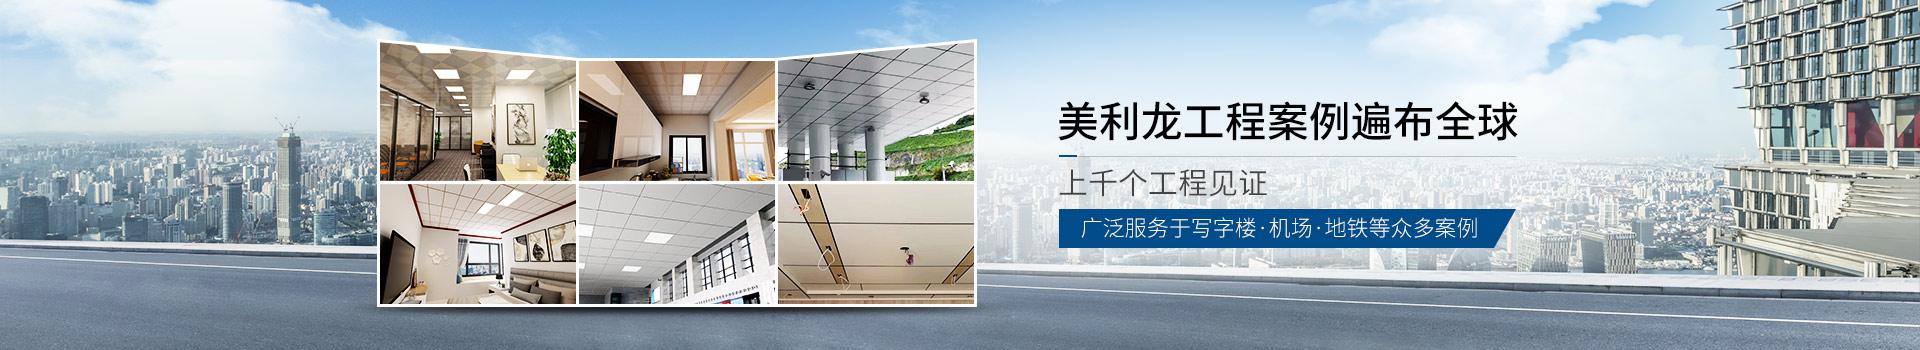 浙江铝扣板品牌-品牌商城铝扣板工程案例效果图 - 美利龙源艺